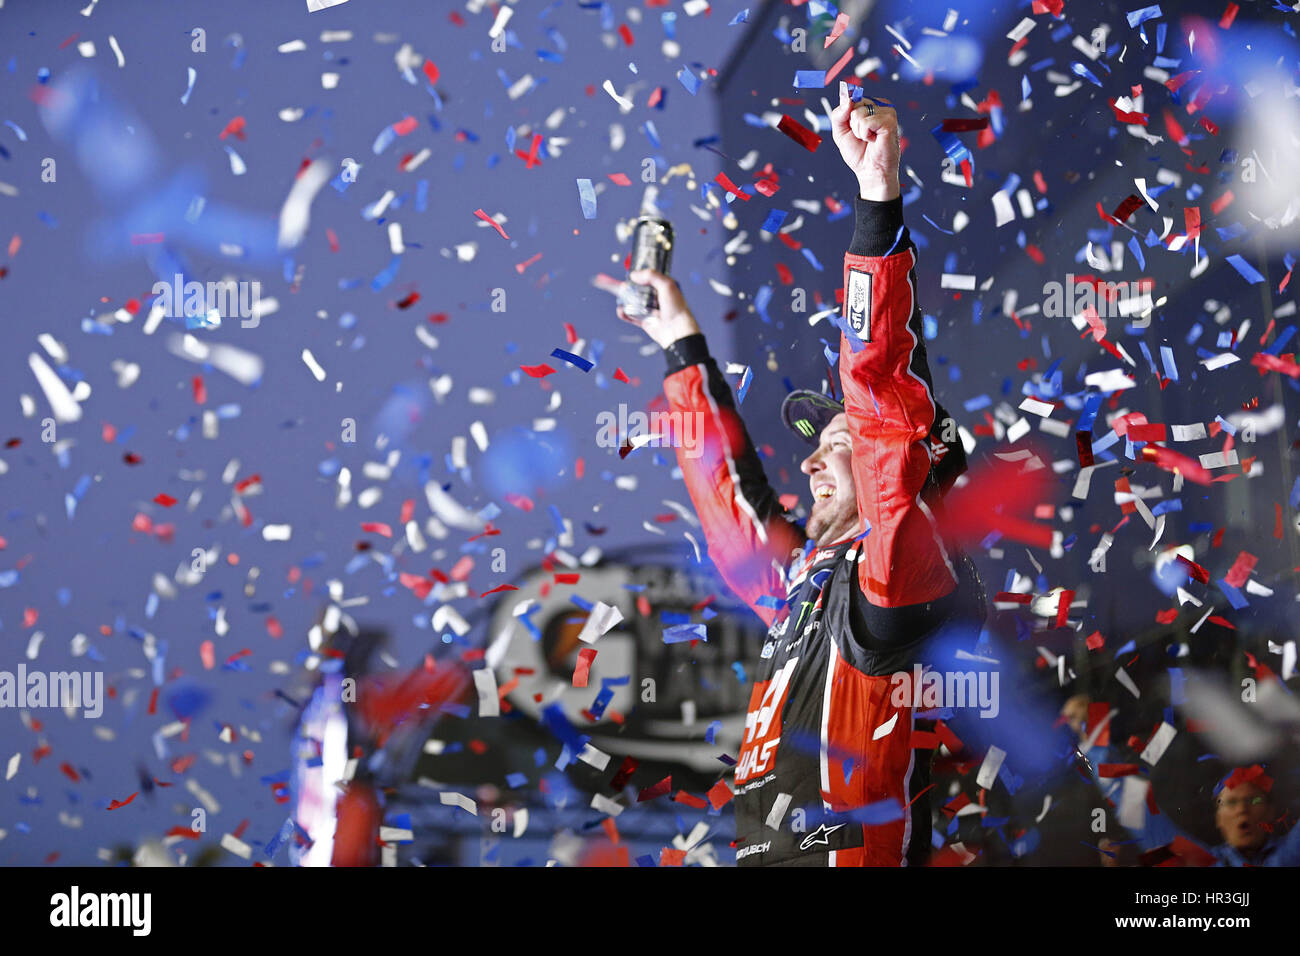 Daytona Beach, Florida, EUA. 26 Fev, 2017. 26 de Fevereiro, 2017 - Daytona Beach, Florida, EUA: Kurt Busch (41) Imagens de Stock